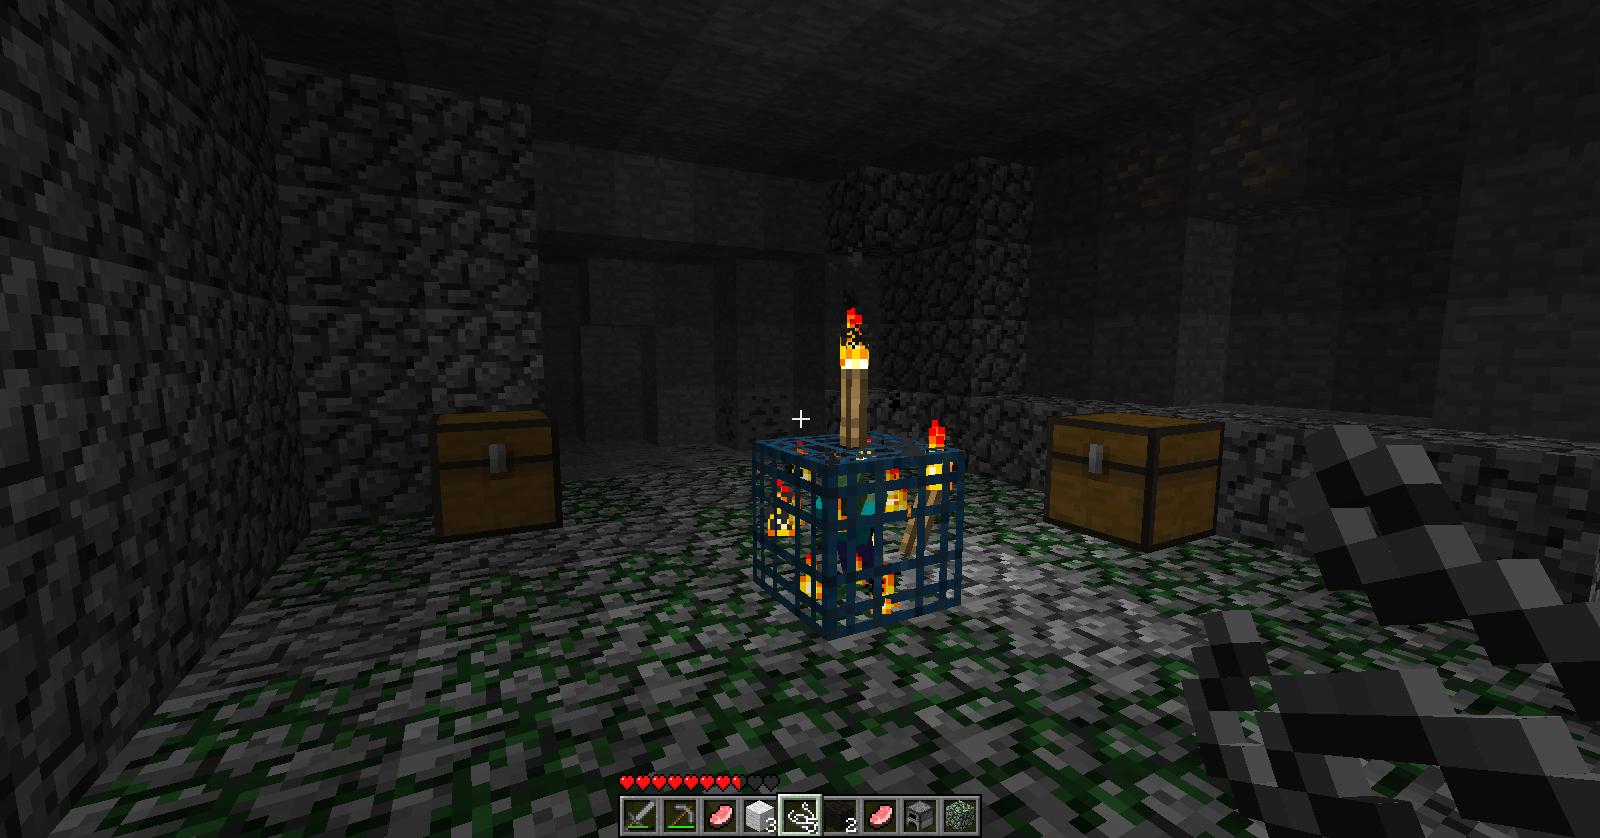 minecraft dungeons - photo #29